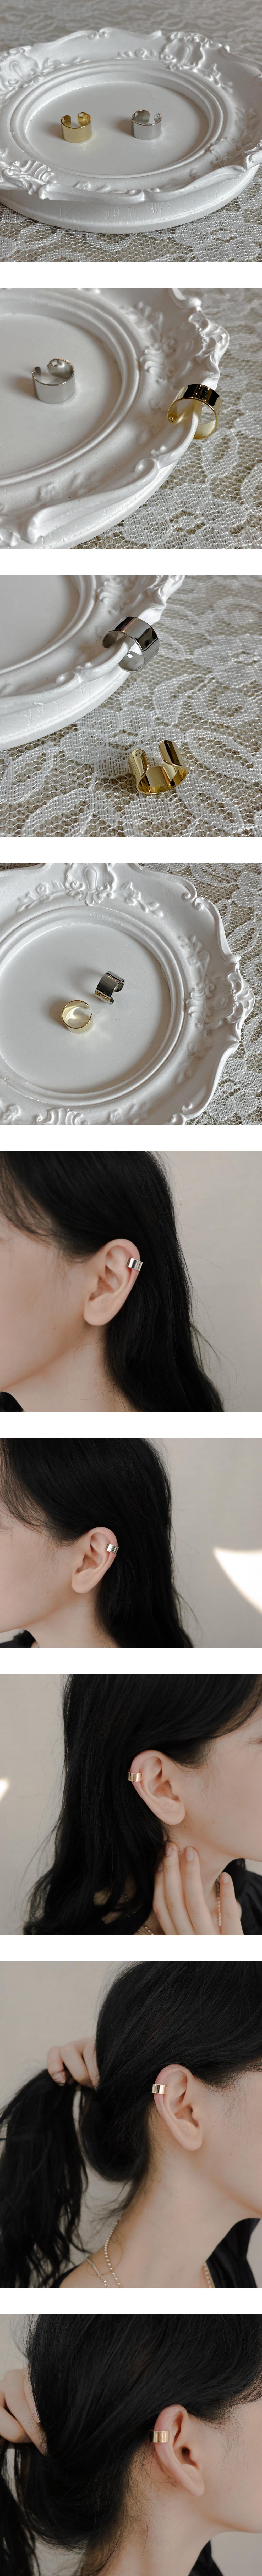 Plate earcuffs